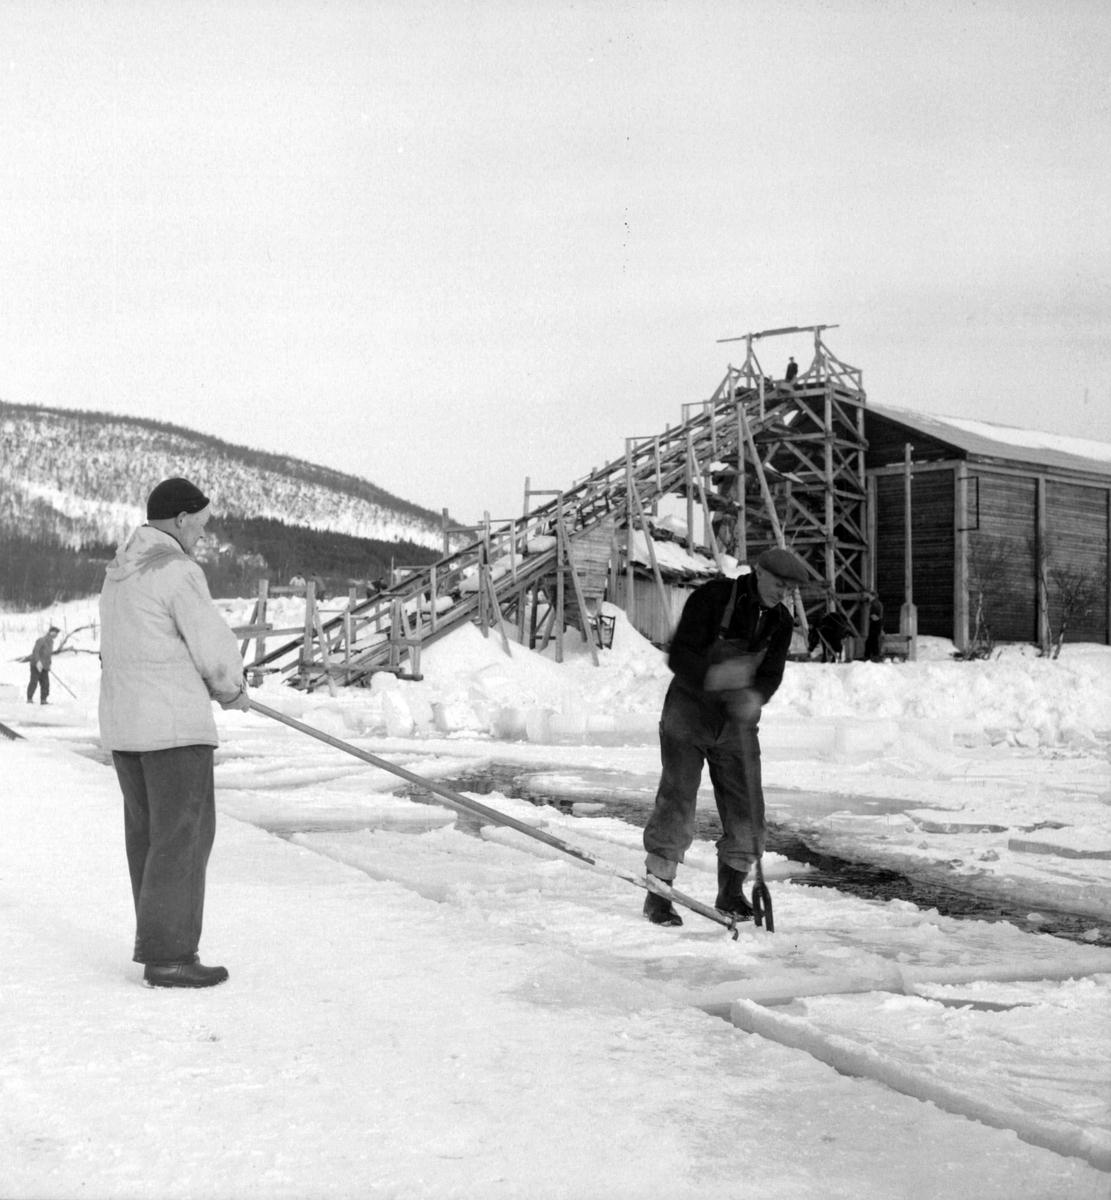 Isskjæring på Møkkelandsvannet, 1954. I bakgrunnen ser vi en renne som var laget for lasting av is inn på islagret.